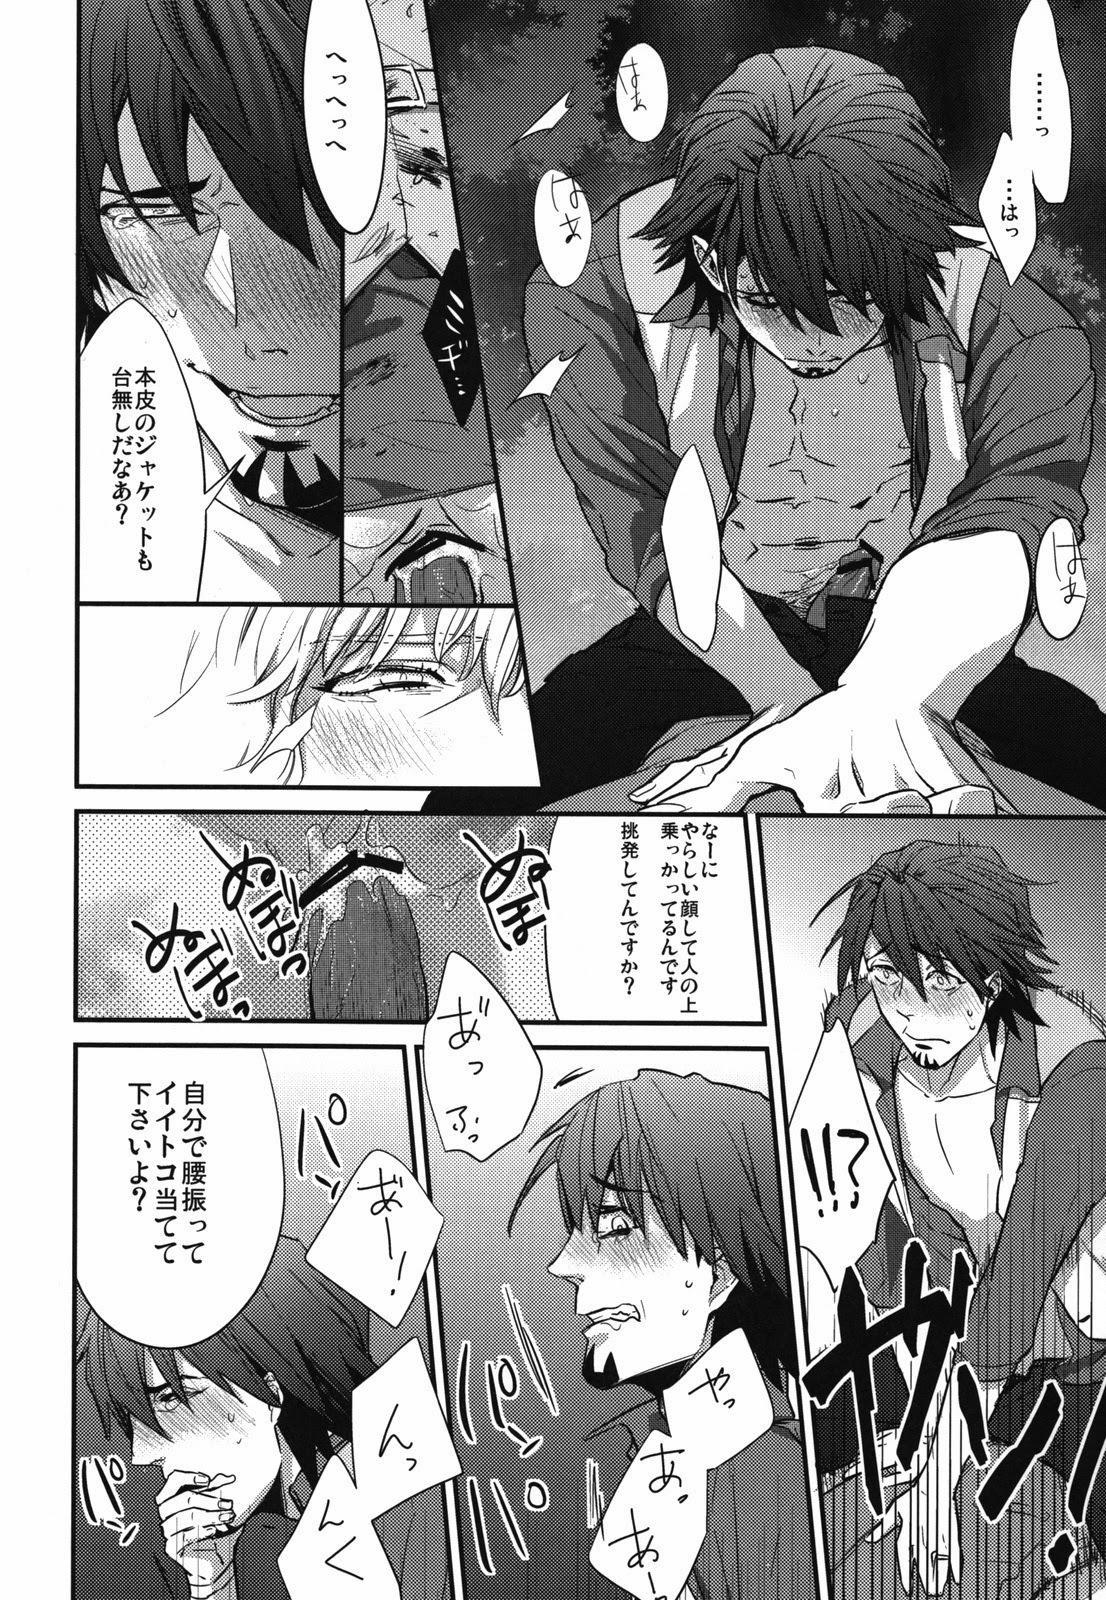 Hamidashi Justice no Koe ga Kikoeru Plus 30